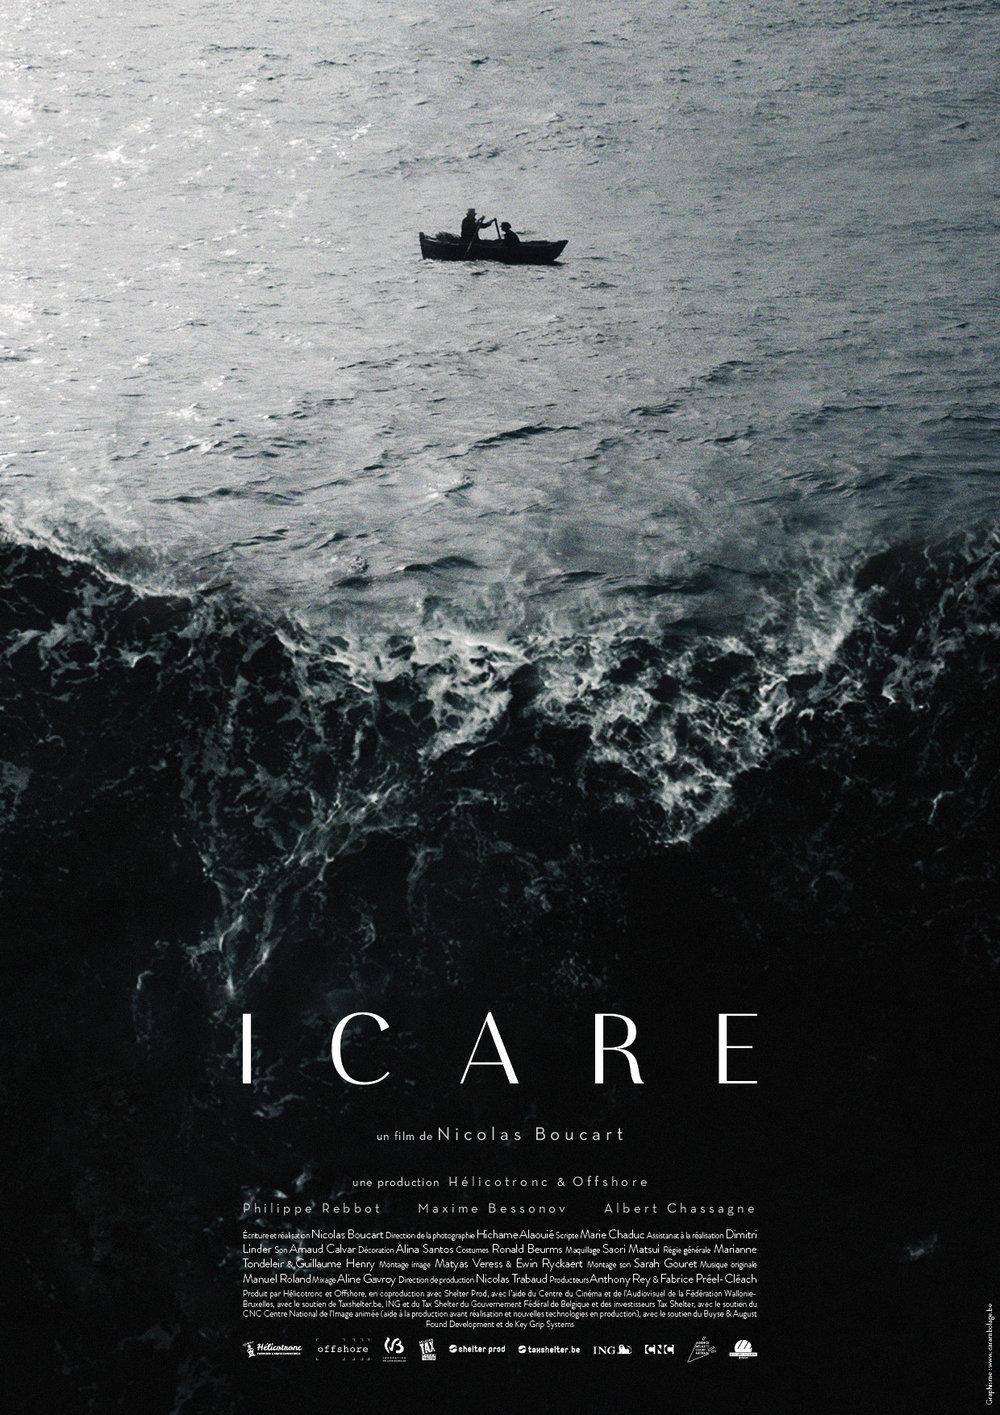 Icare_affiche_web.jpg